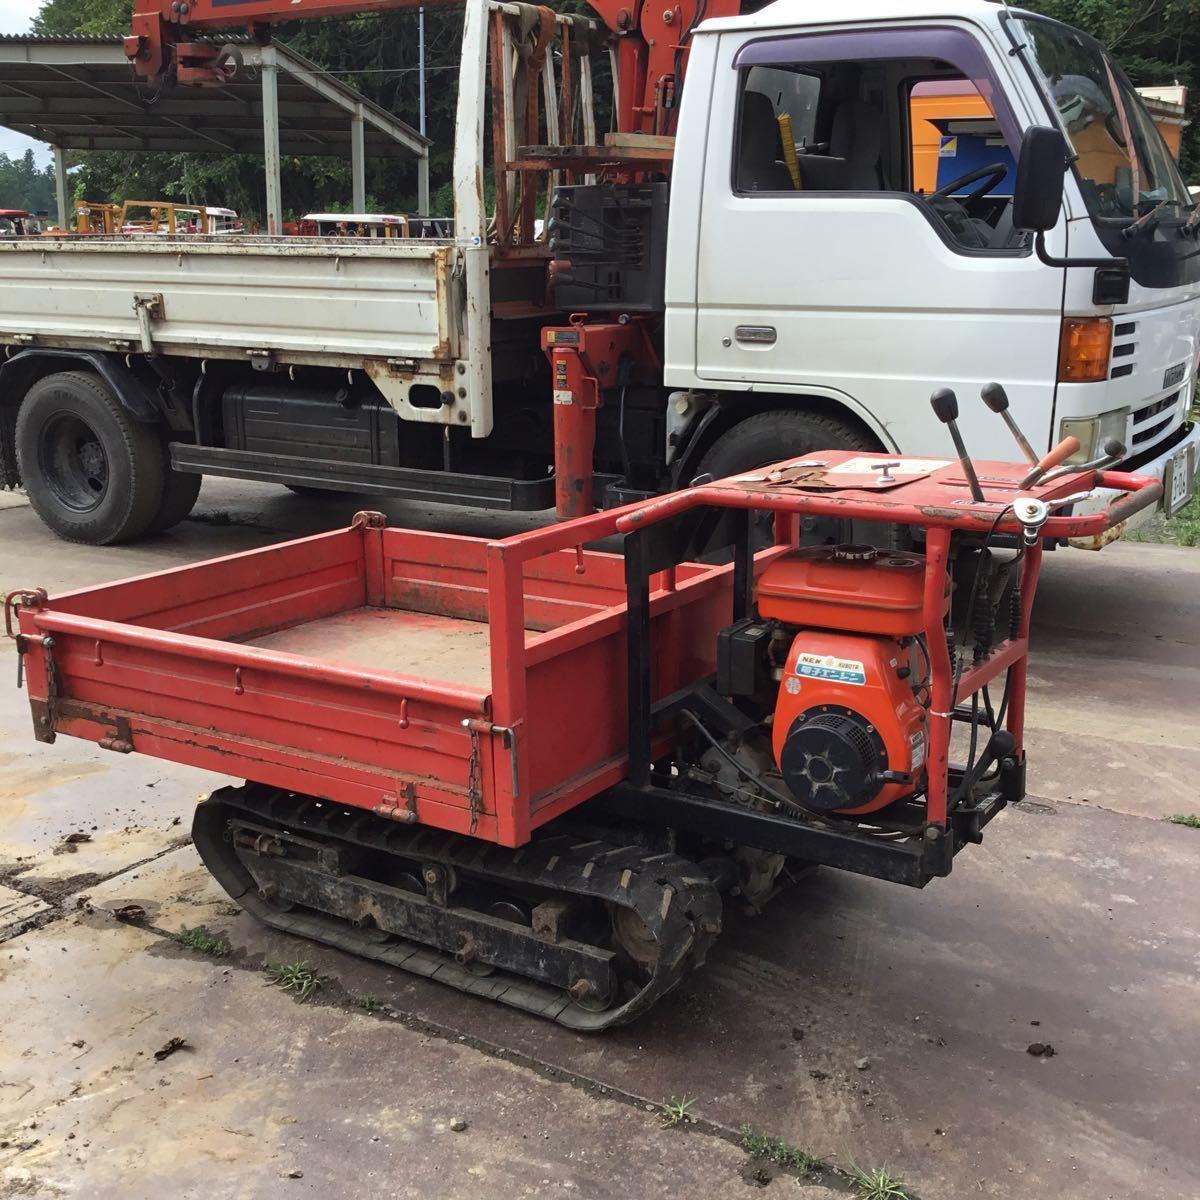 サンワ車輌 ミニクロ M1000 運搬車 最大積載量400キロ クボタガソリンエンジン 動作確認済み クローラ難有り 格安_画像1